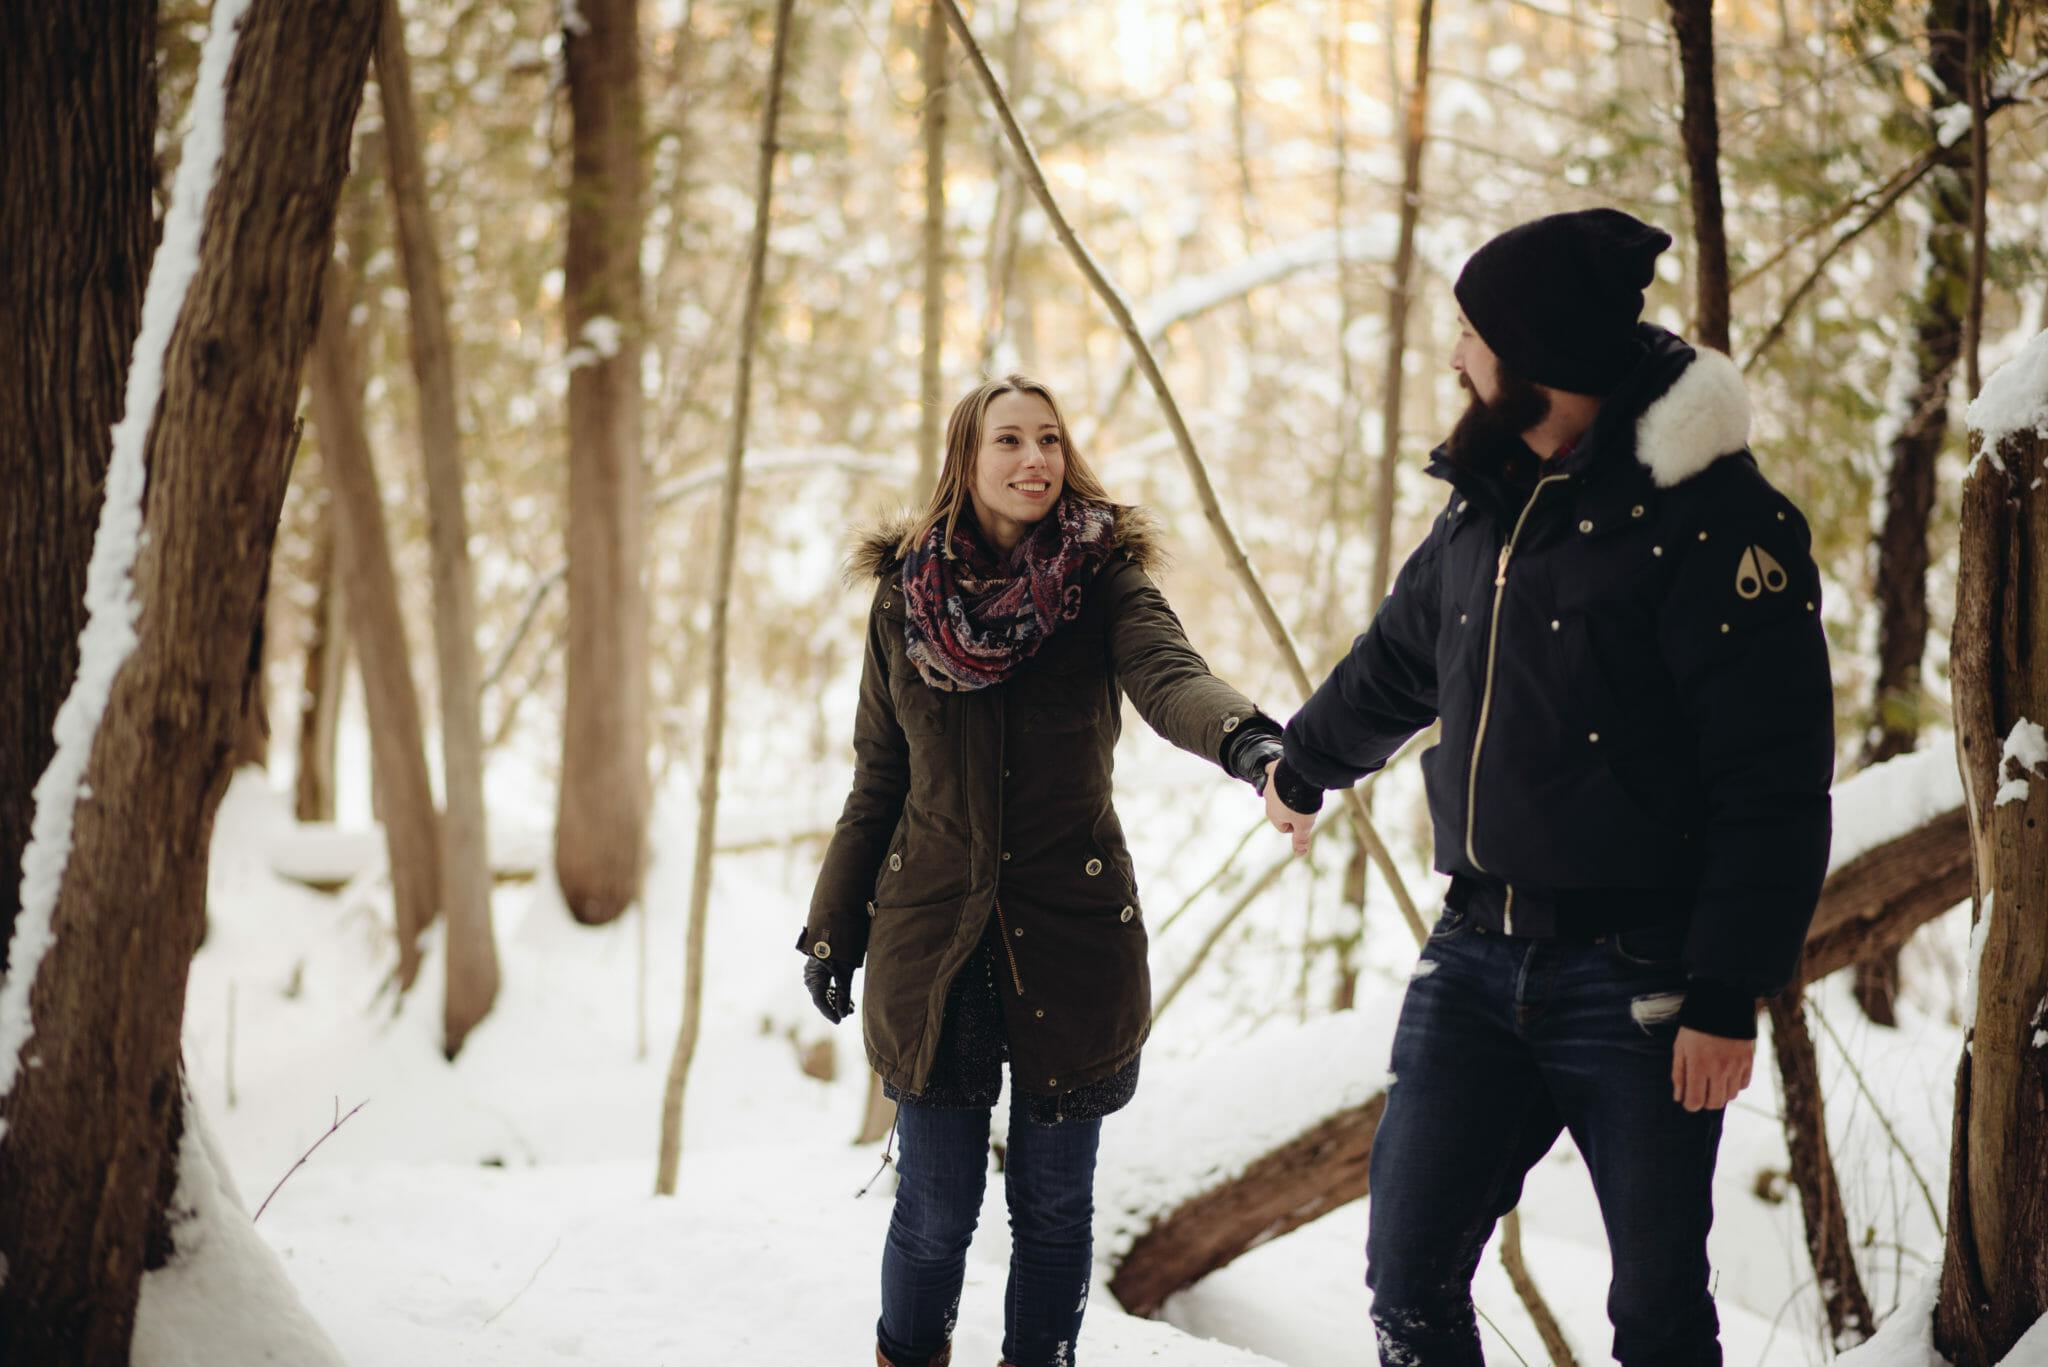 boyfriend leading girlfriend on trail in greenwood